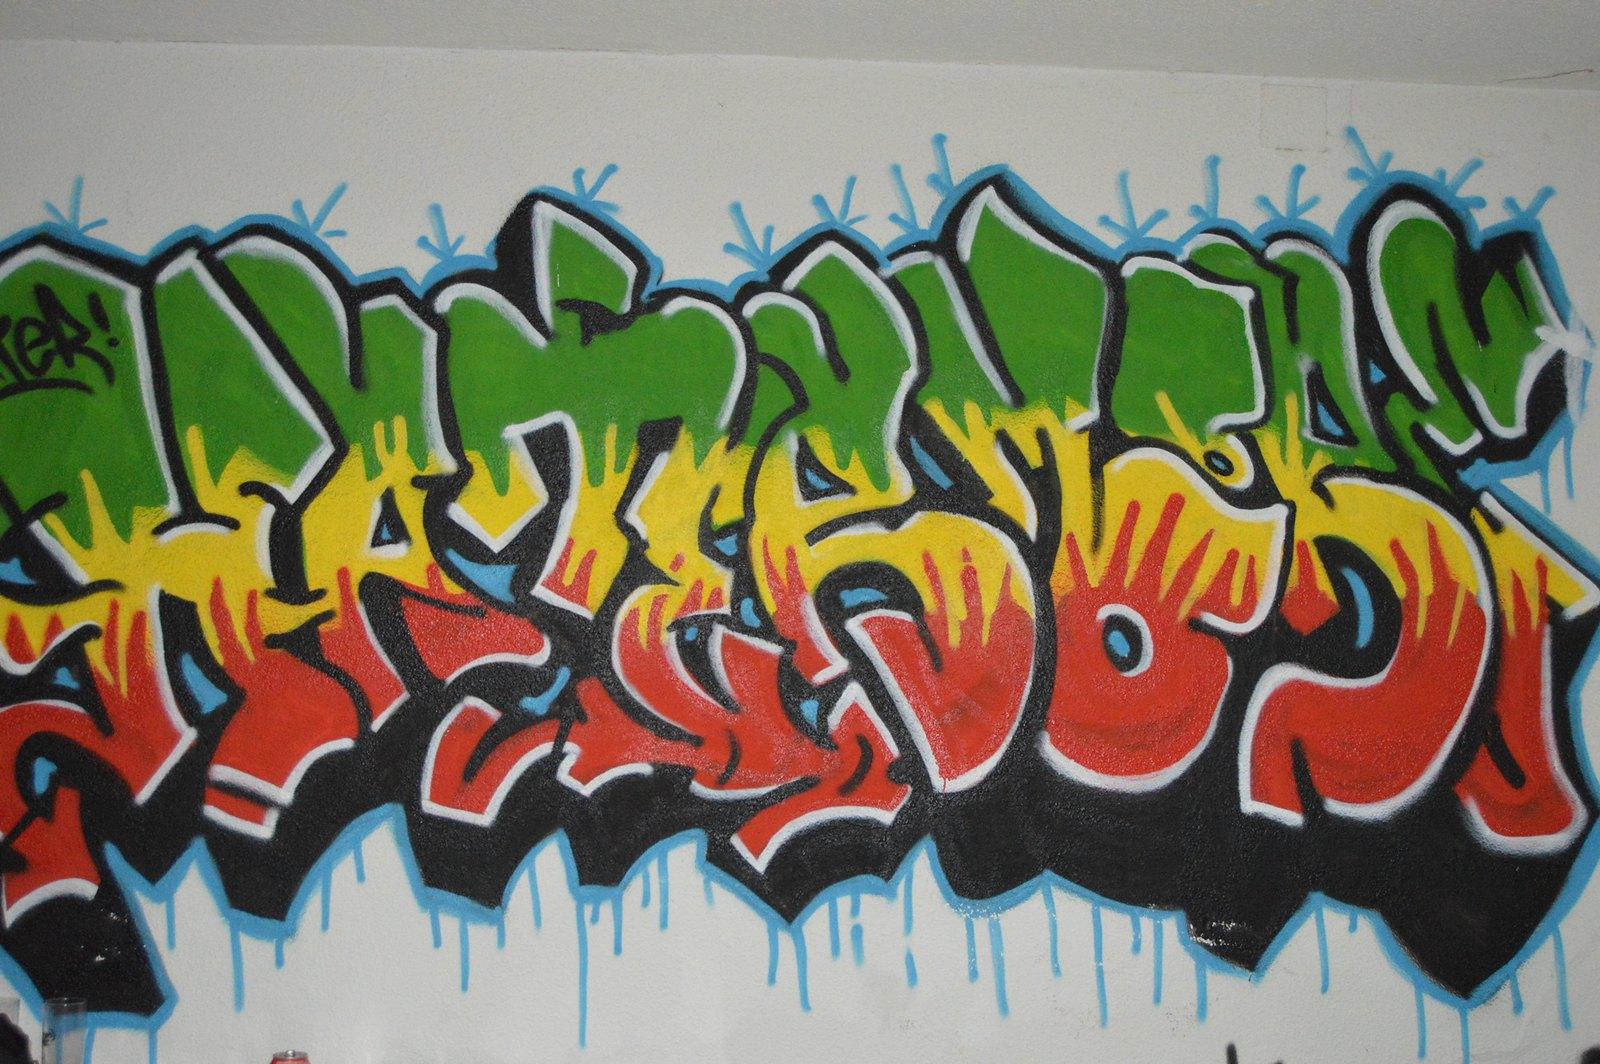 Reggae Graffiti Graffiti ''hatermoore''